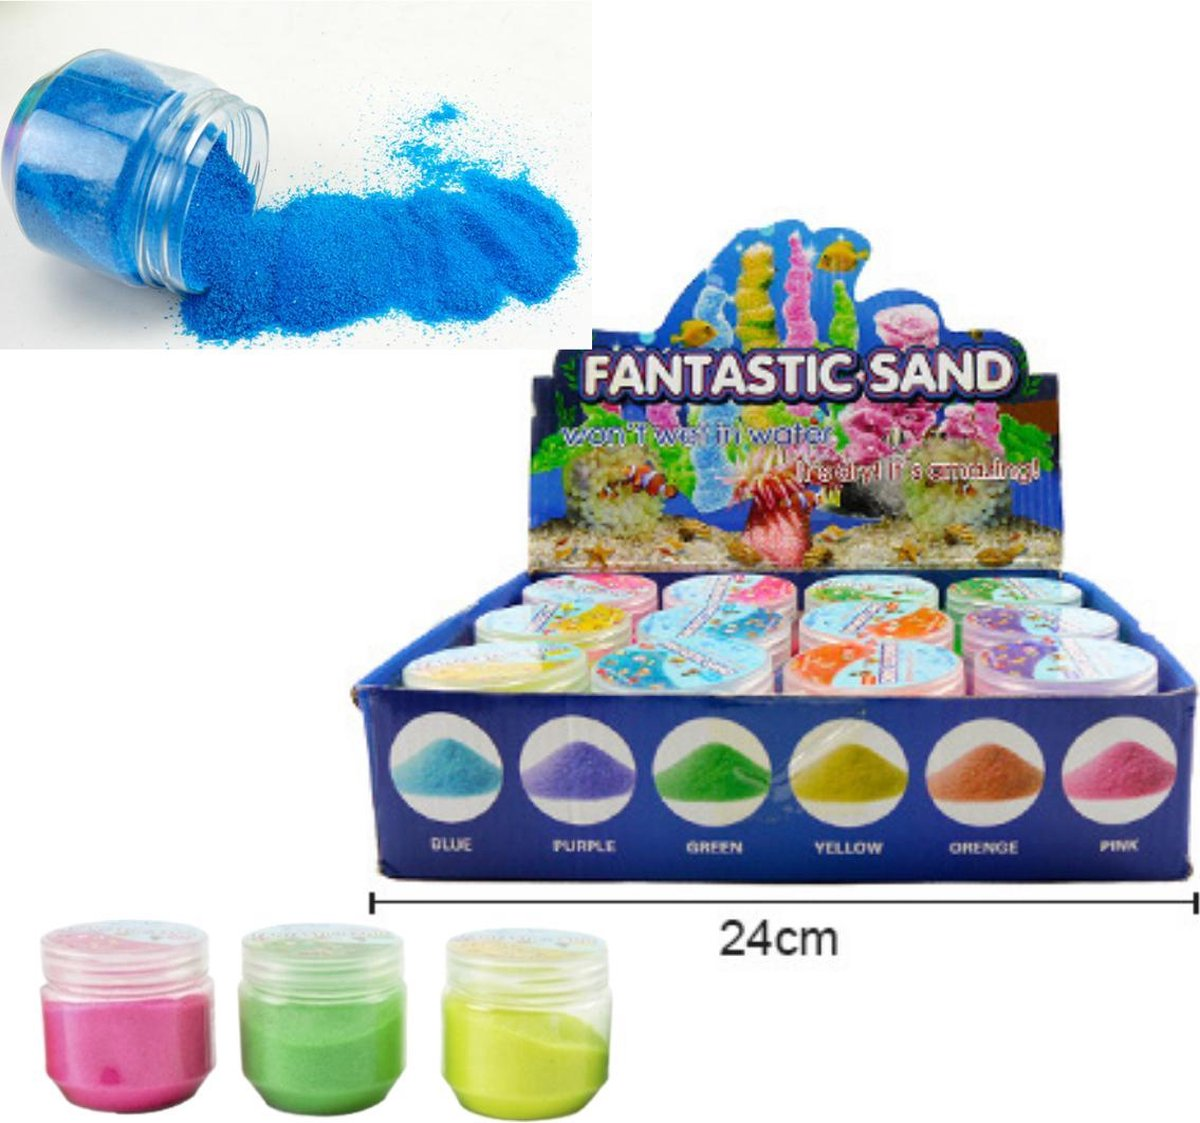 Speelzand - Magisch Zand - Magic Sand - Kinetic Sand - Zand Dat Niet Nat wordt - In 3 Kleuren - Geel - Roze - Groen - 107 Gram - Speelgoed Zand Creatief - Fantastic Sand - Speelgoed Voor Kinderen